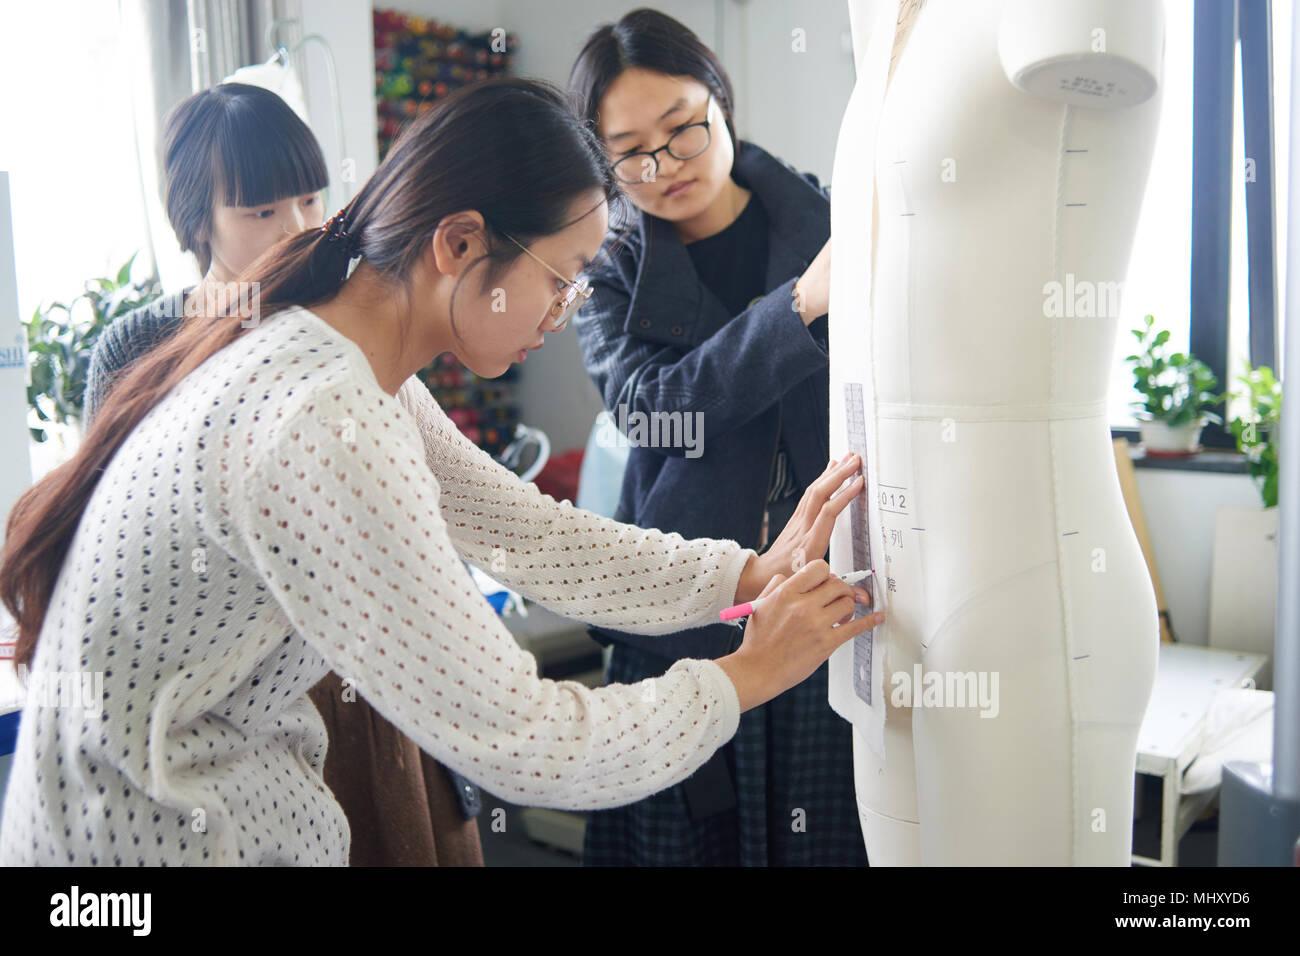 Praktikant Modedesign in das Studio zu studieren Stockfoto